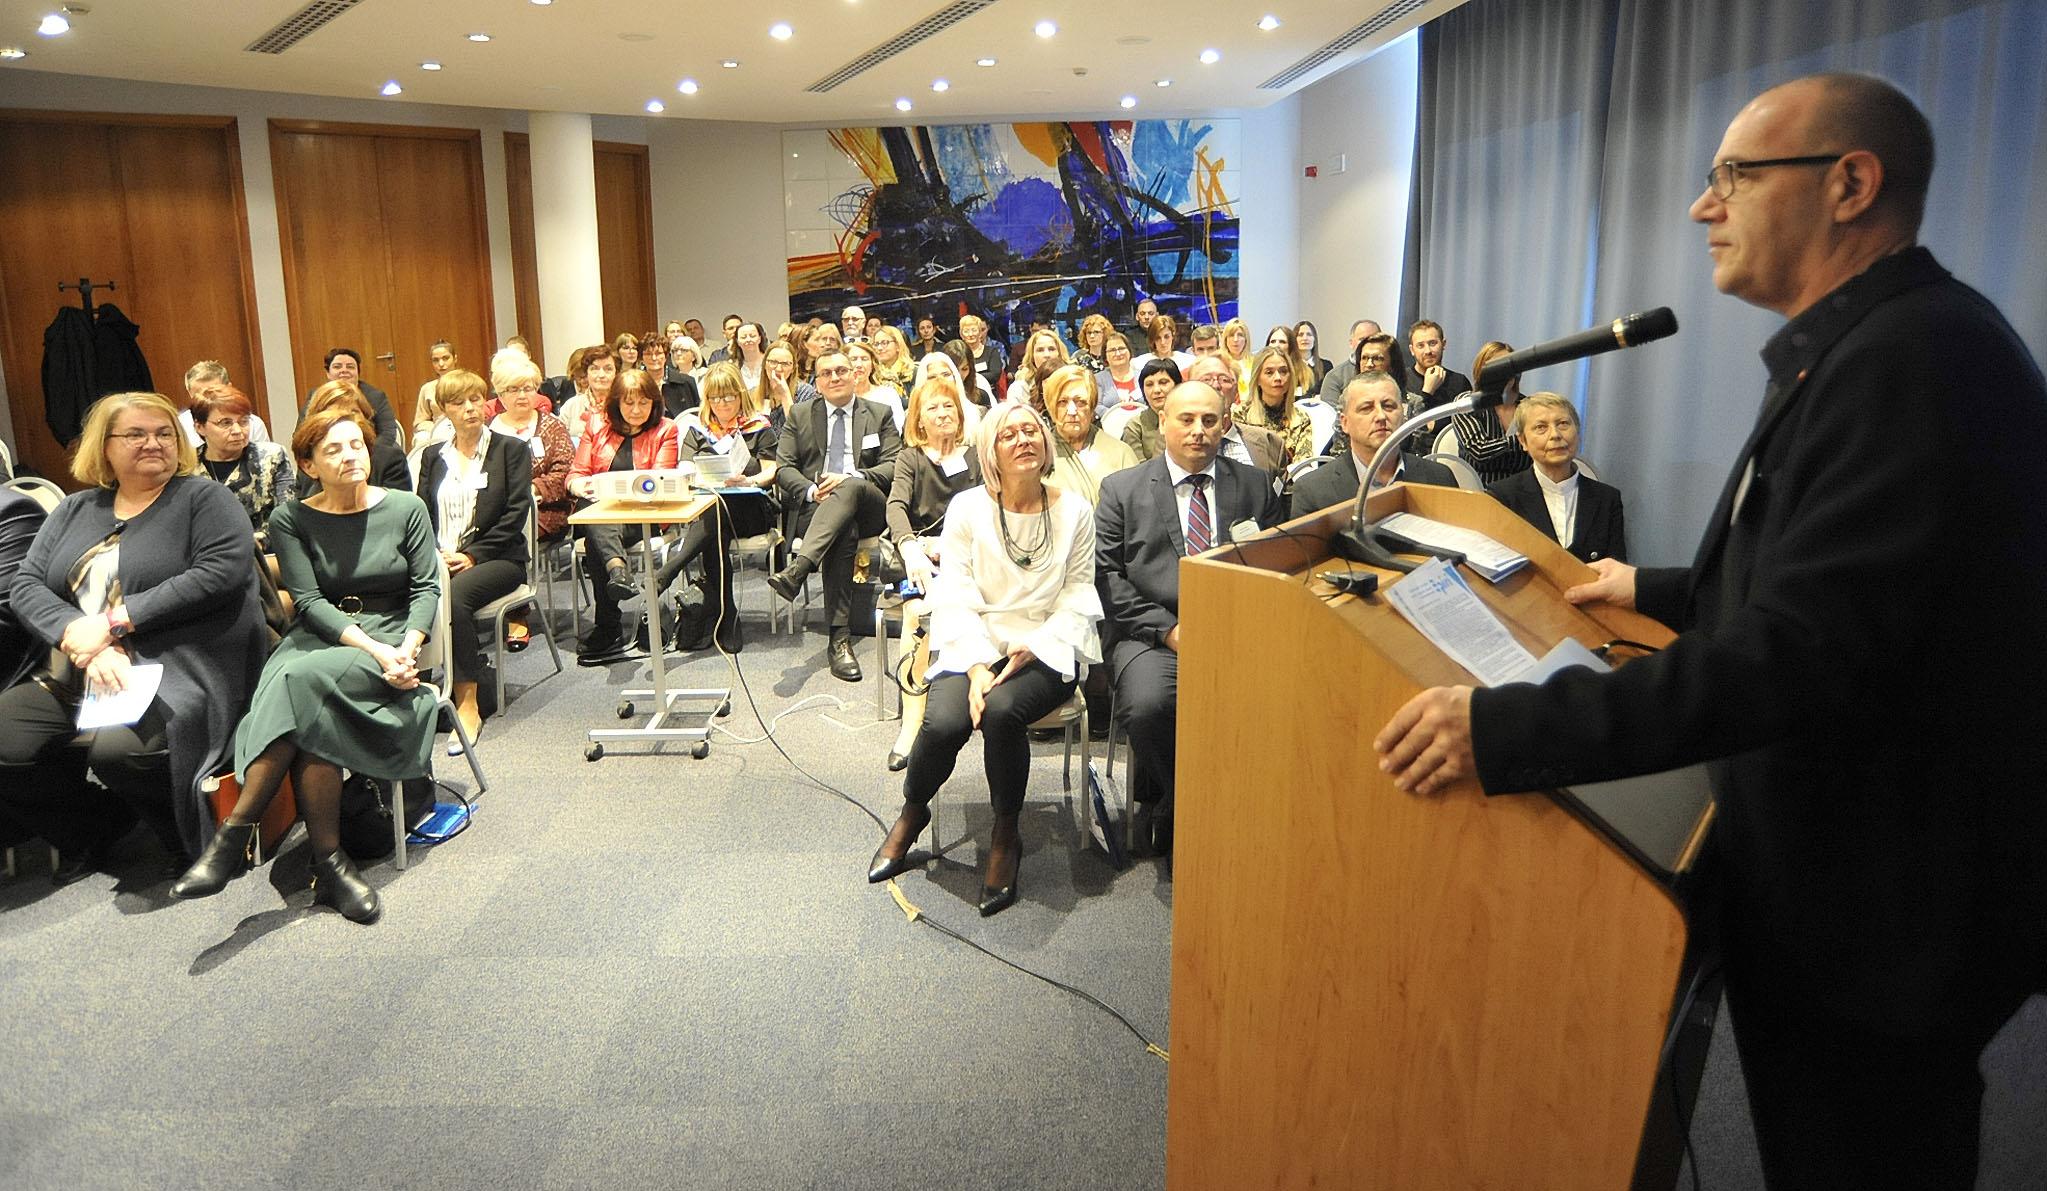 Na simpoziju sudjeluje više od 20 pozvanih predavača - prof. dr. Igor Prpić / Snimio Sergej DRECHSLER